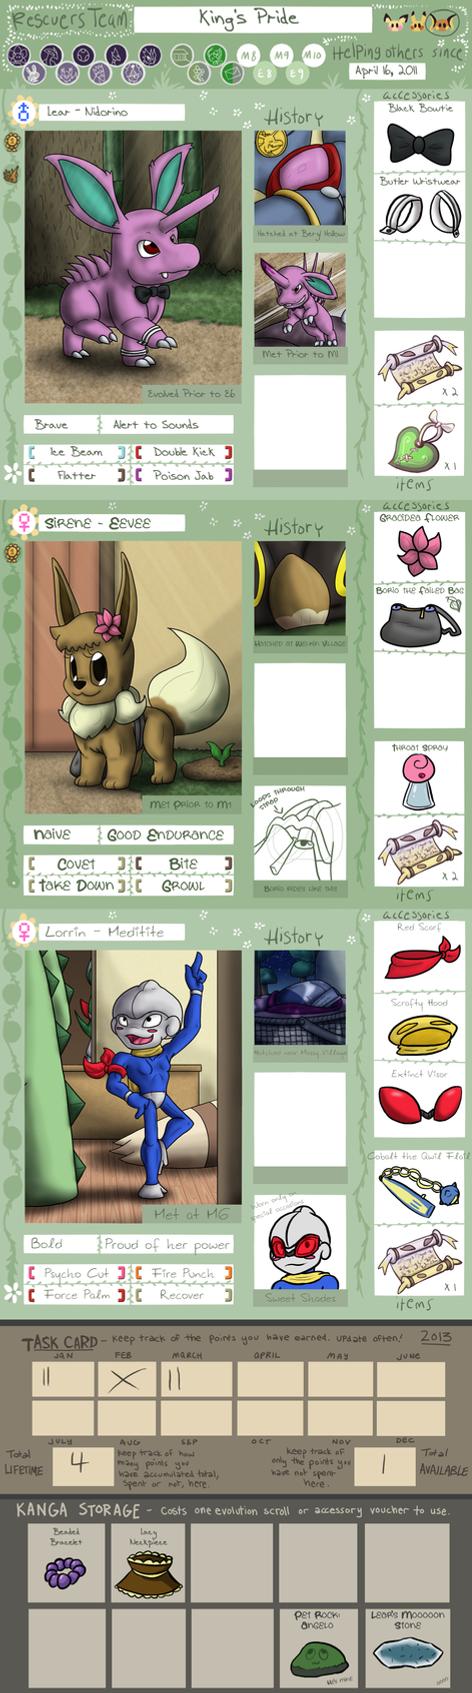 King's Pride App 2.0 by Nacome